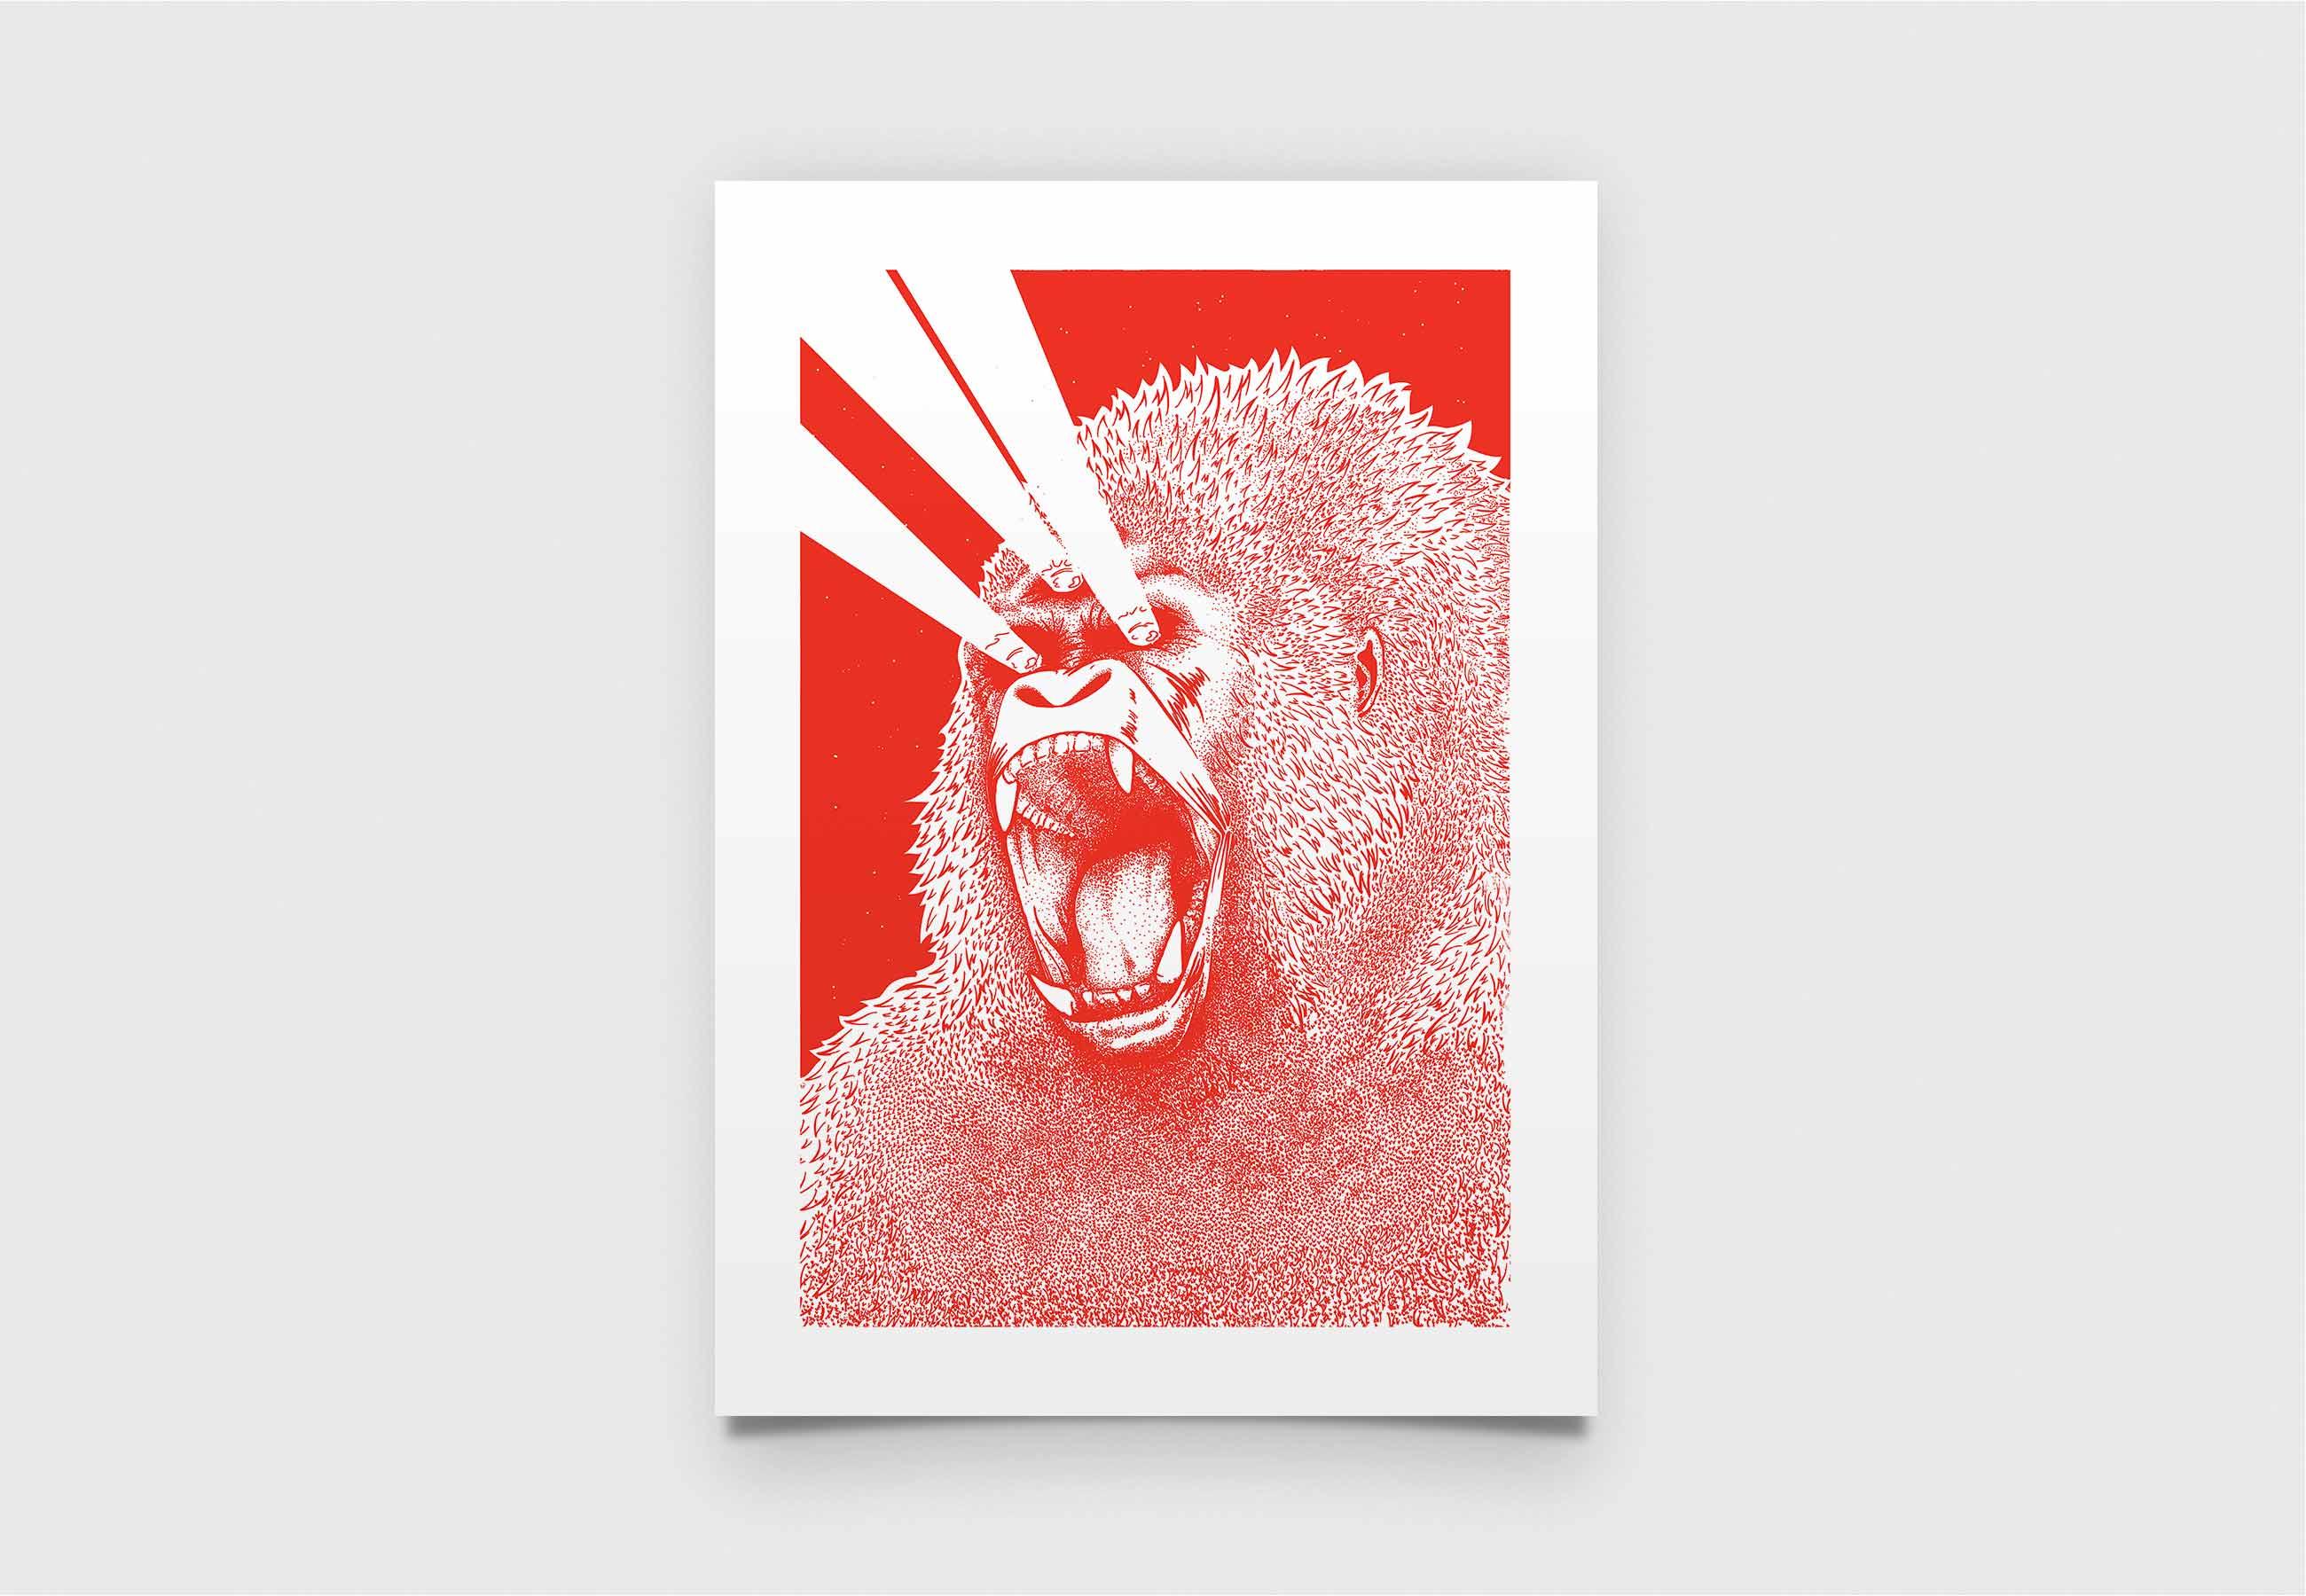 3rd_eye_creatures_gorilla_parallele_graphique